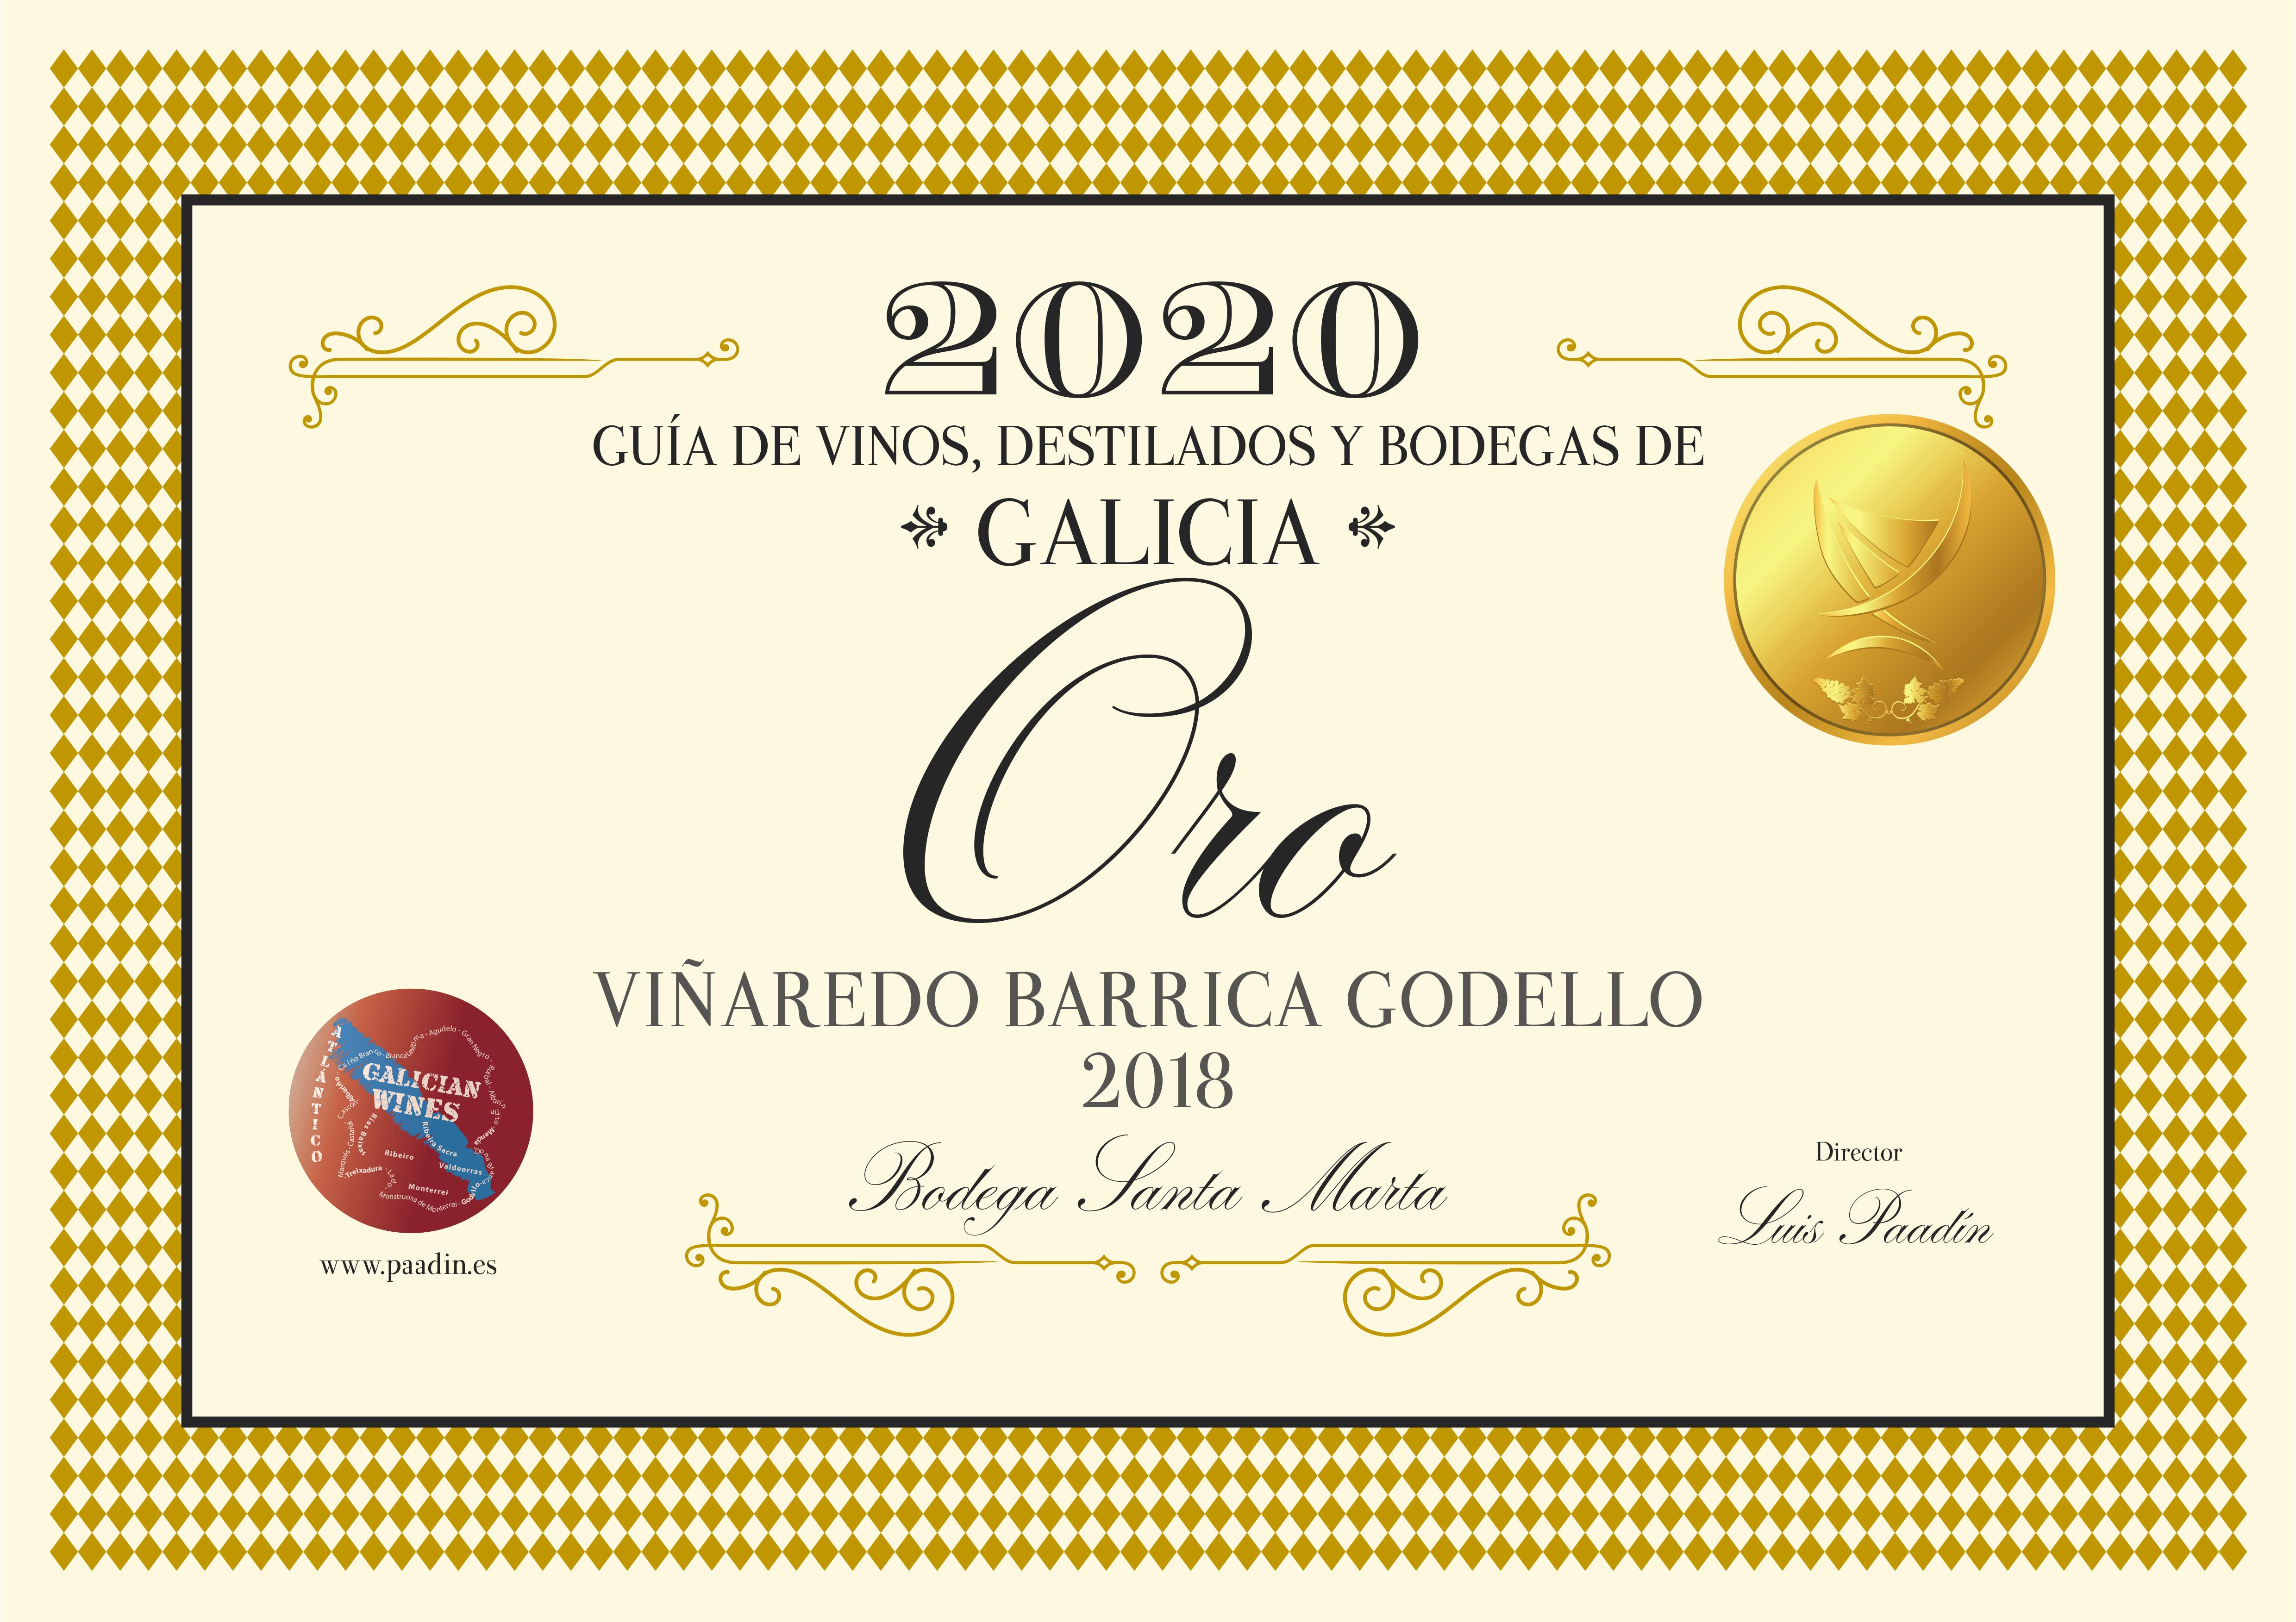 ORO GODELLO BARRICA GUIA 2020